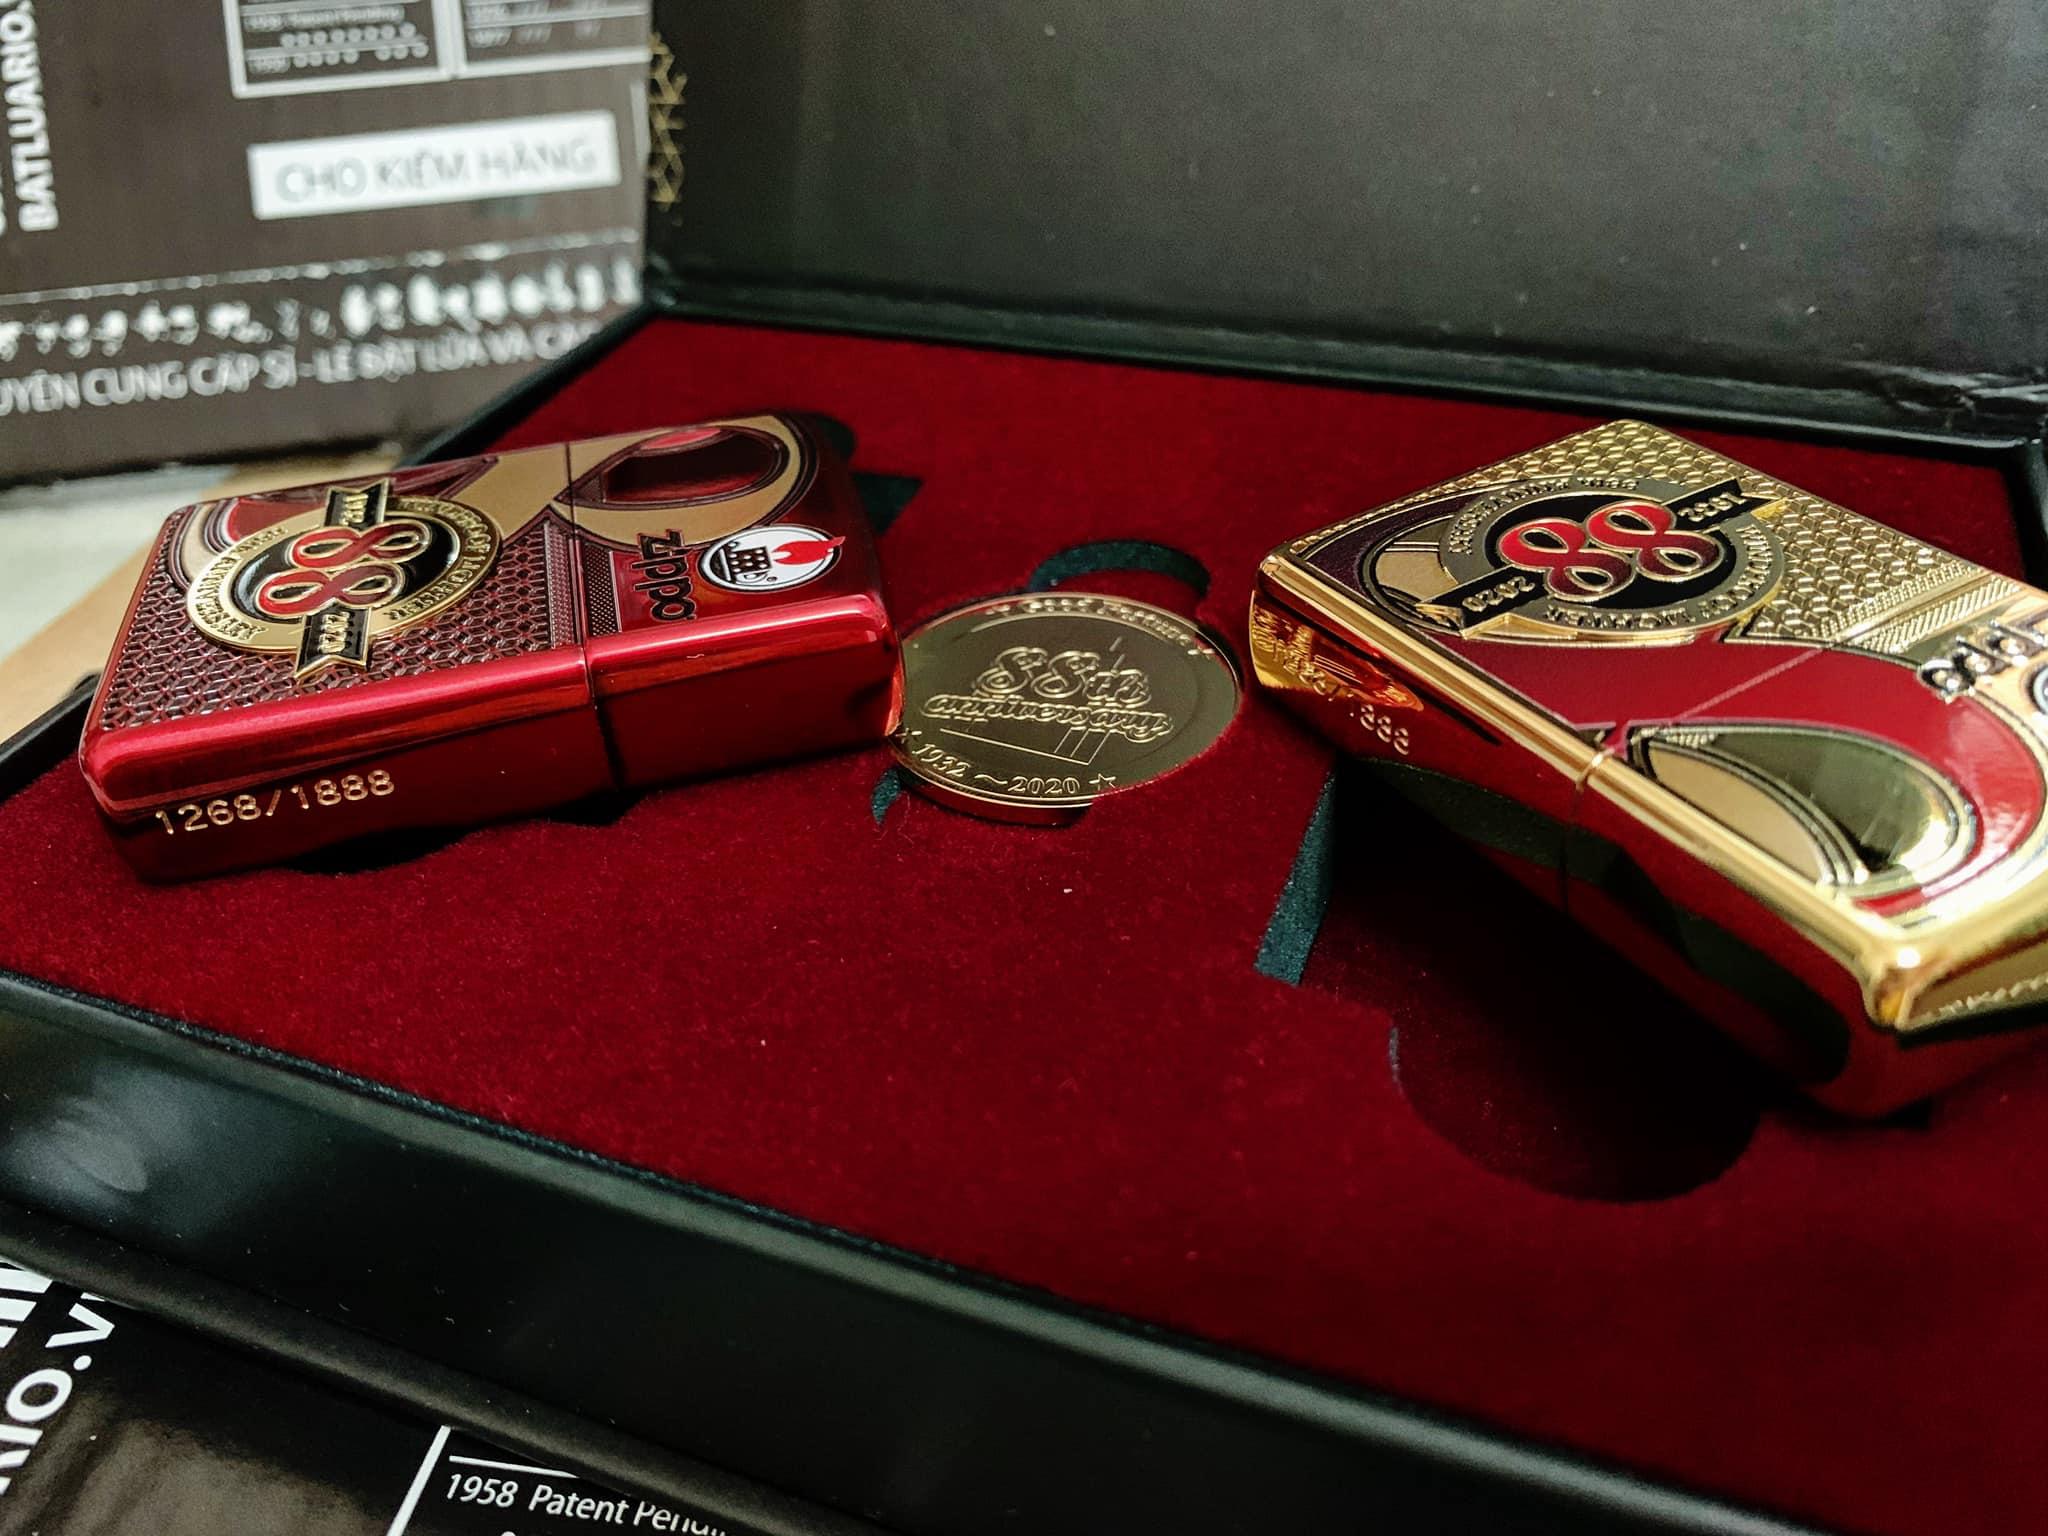 Zippo Edition Box Set 88Th Anniversary Asia Limited - Zippo Phiên Bản Giới Hạn Kỷ Niệm 88 Năm Ra Đời Bật Lửa Zippo - Zippo ZA-2-147C 21